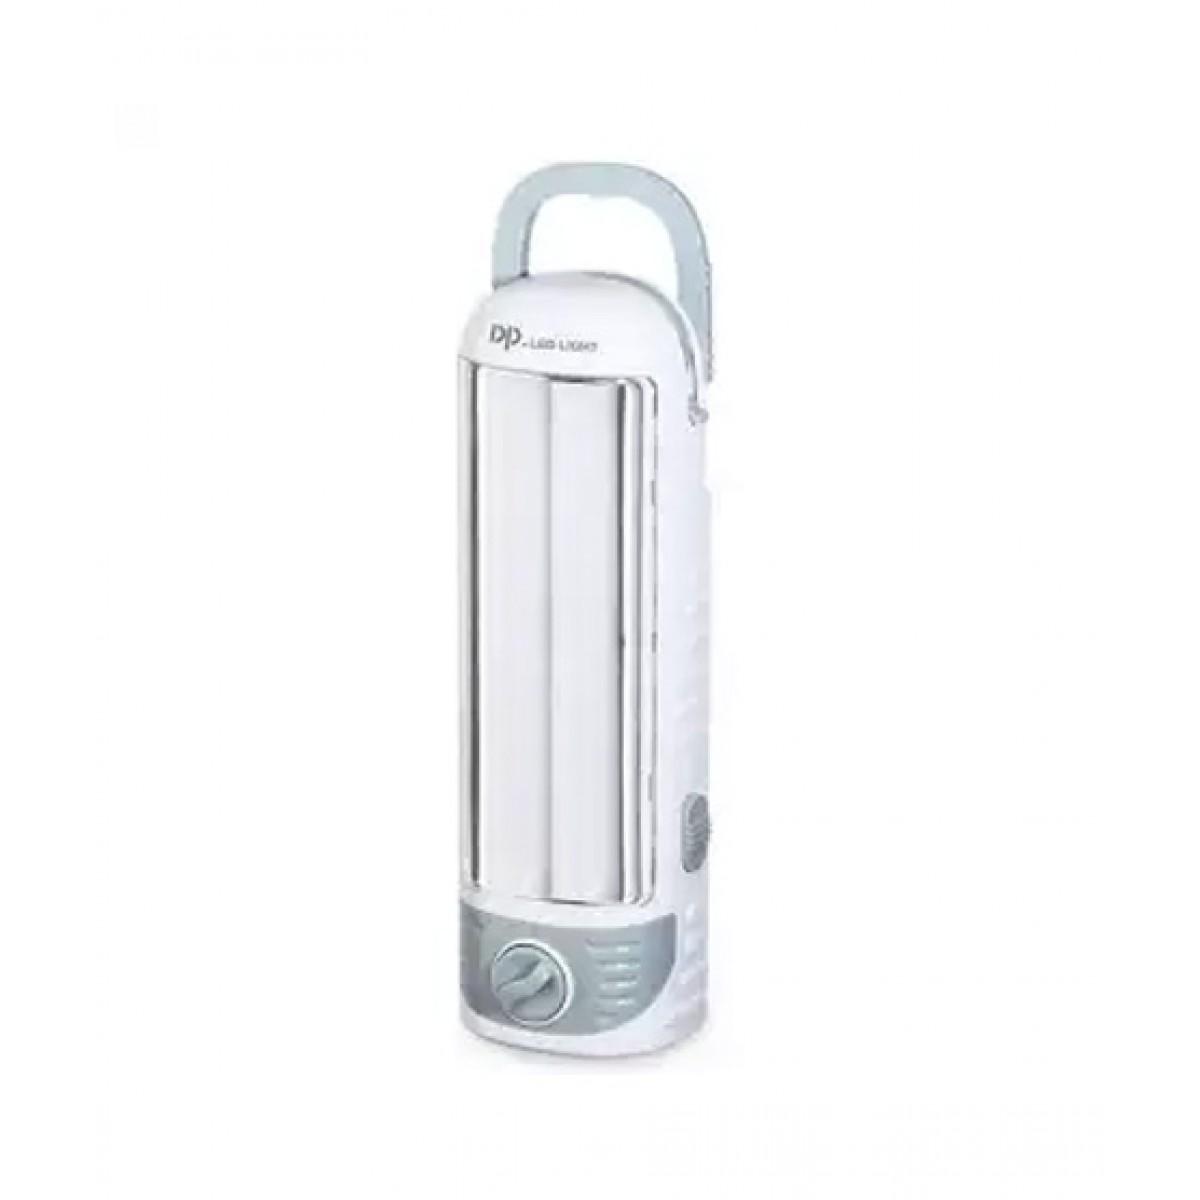 DP LED Emergency Light White (DP-7104B)